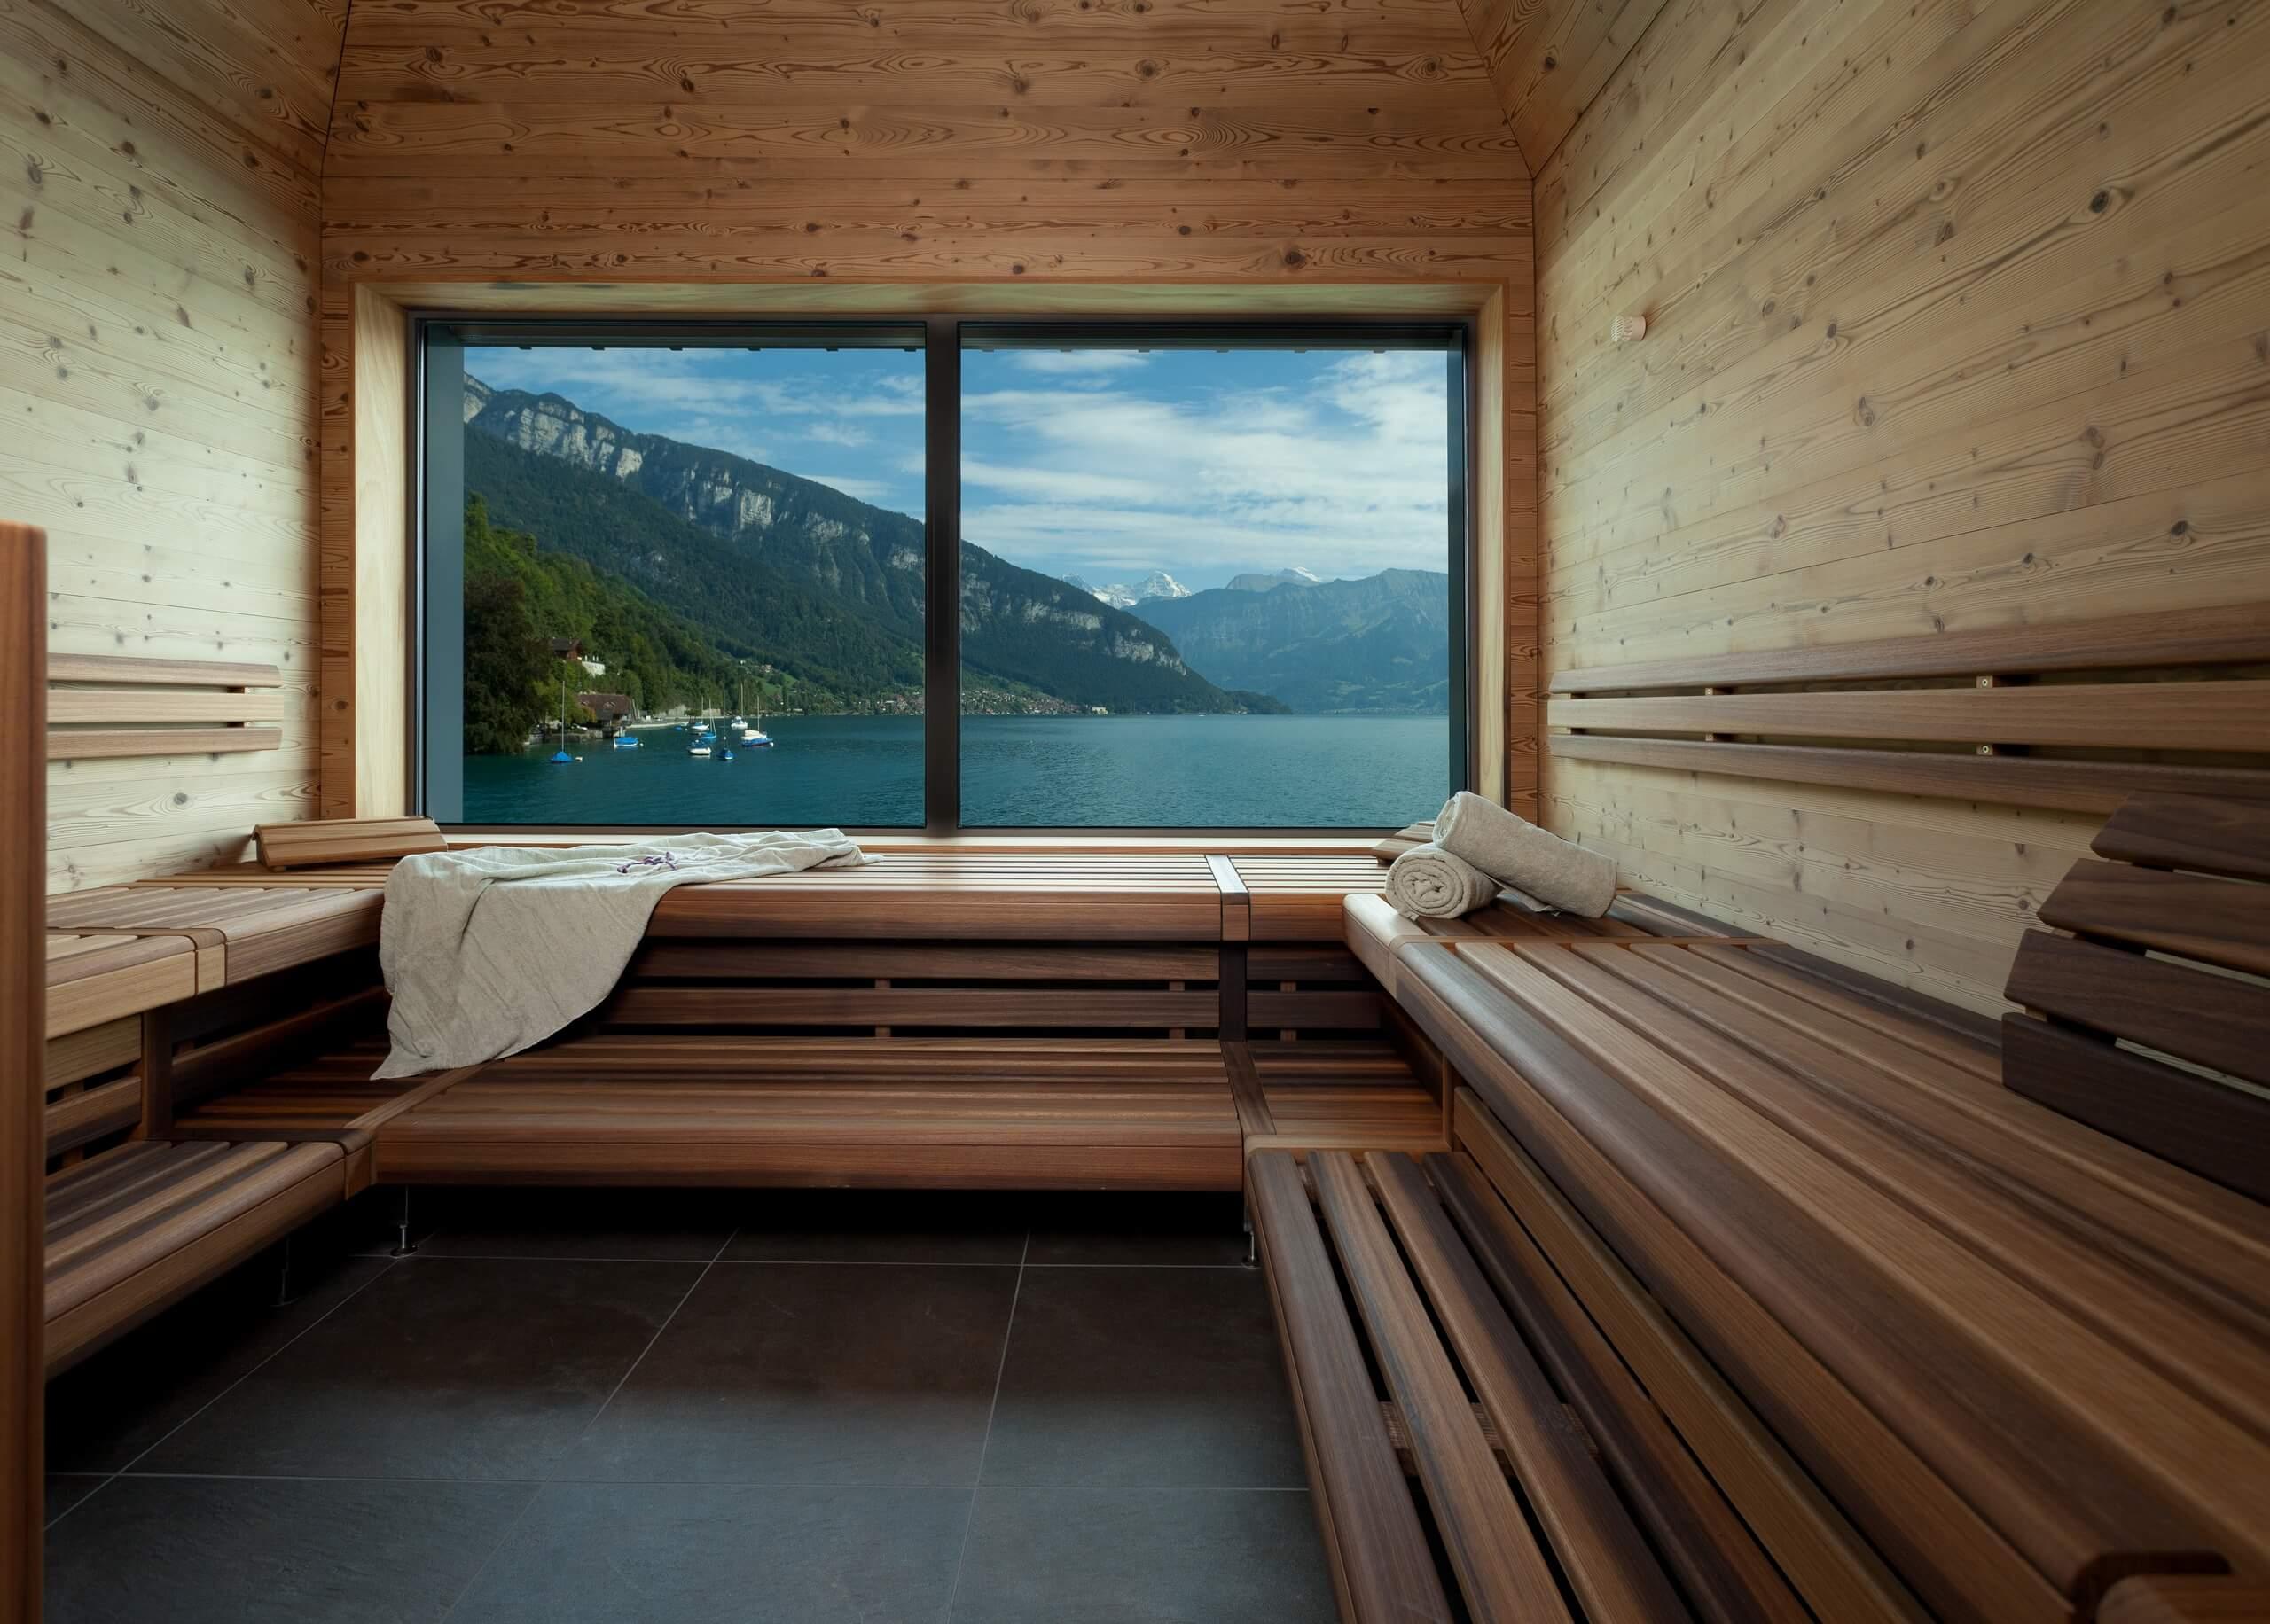 parkhotel-gunten-spa-sauna-thunersee-aussicht